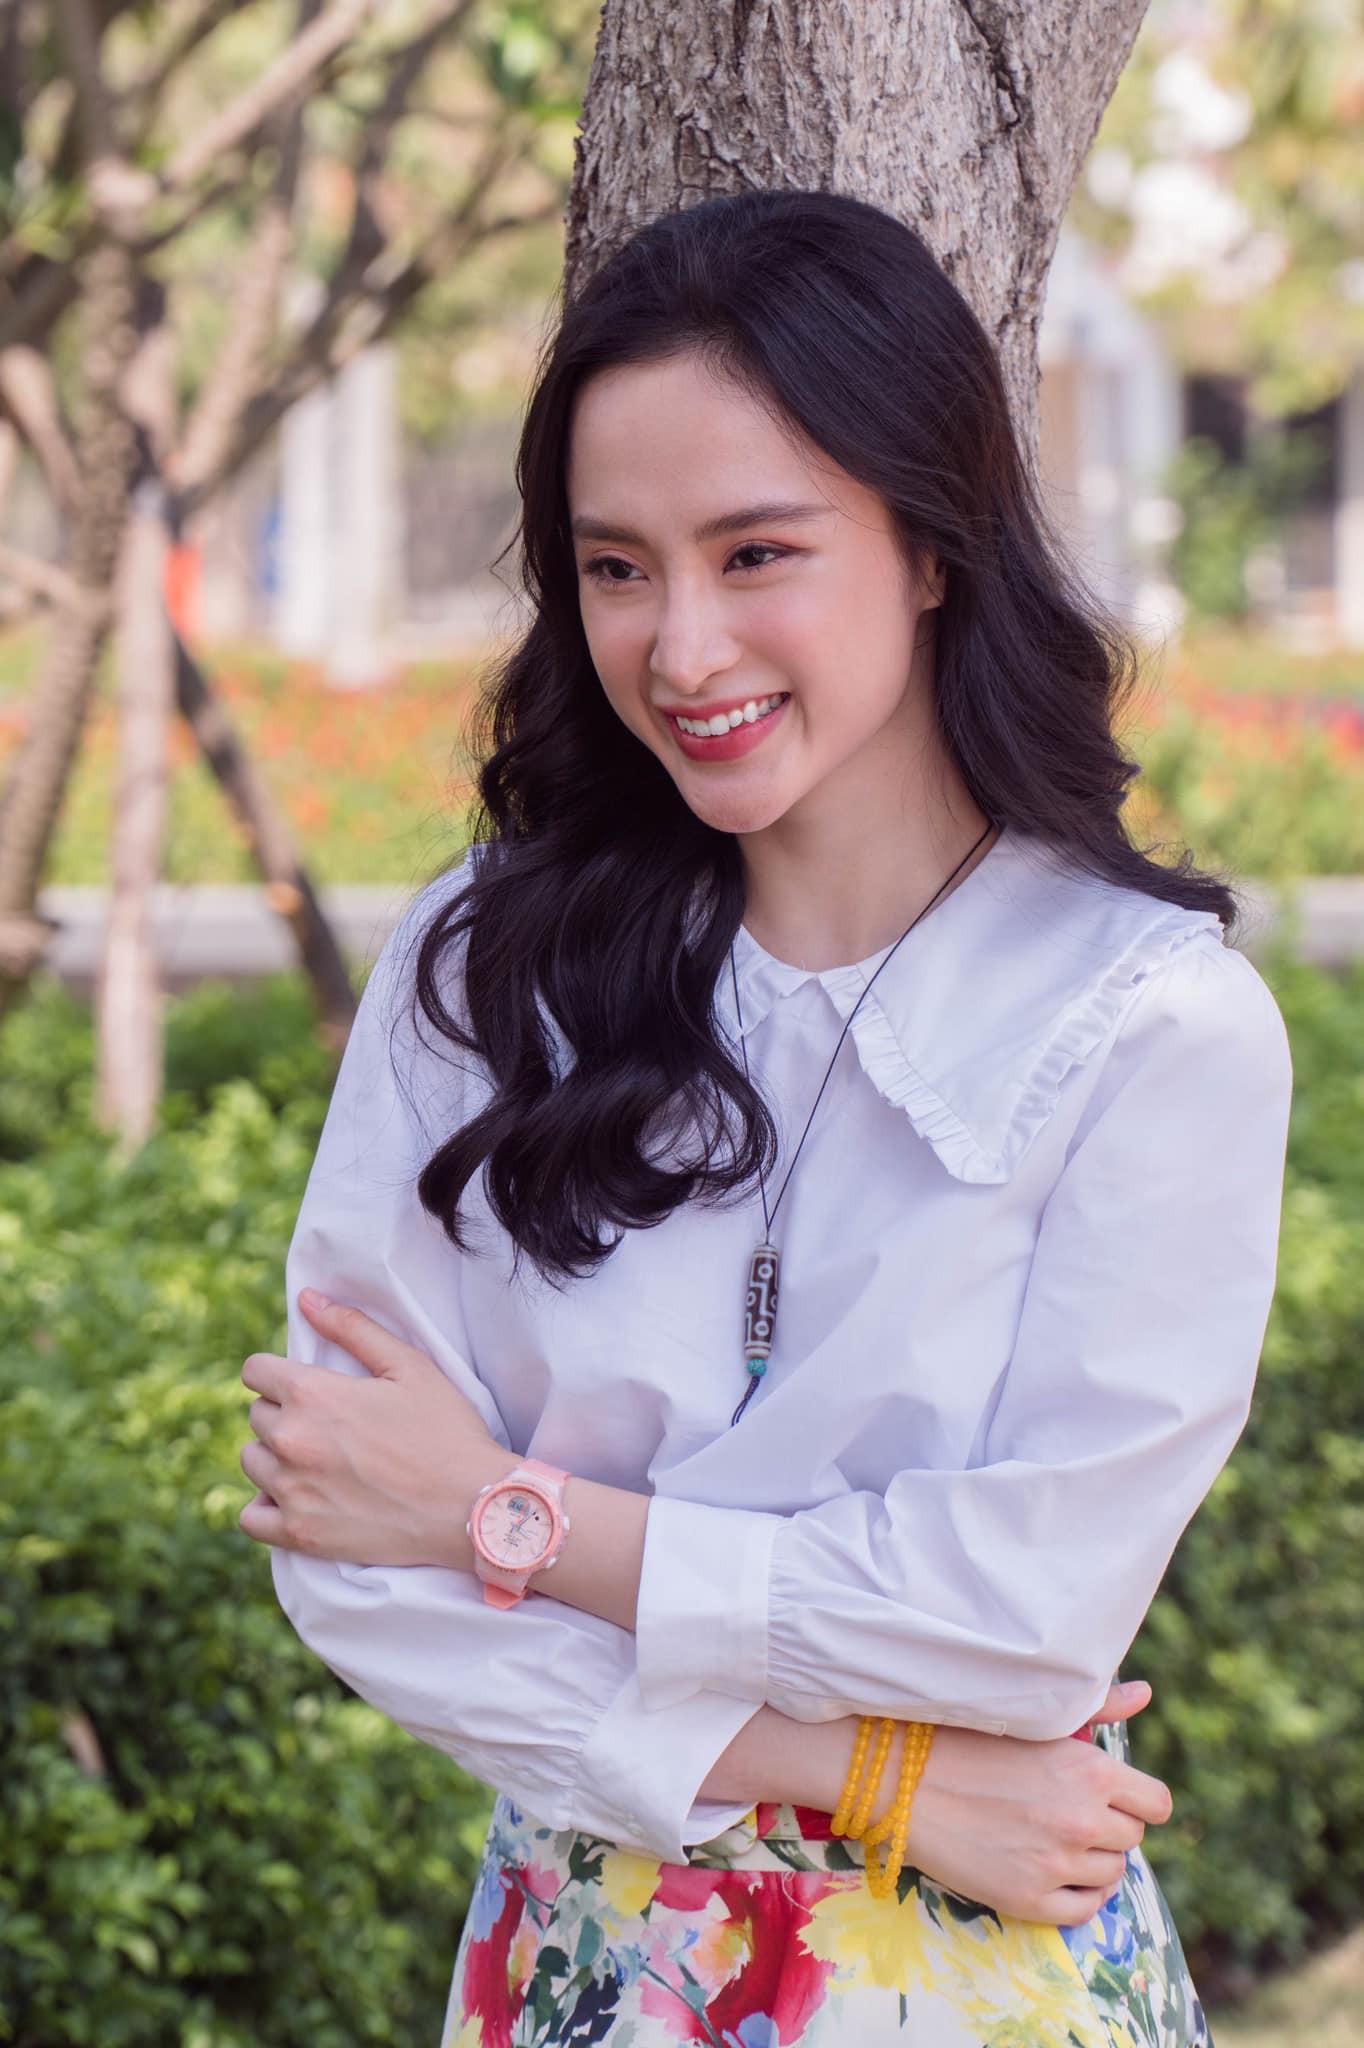 Sao nhí Việt ngày ấy - bây giờ: Người vật lộn trong showbiz, kẻ lấy chồng từ năm 19 tuổi - Ảnh 21.